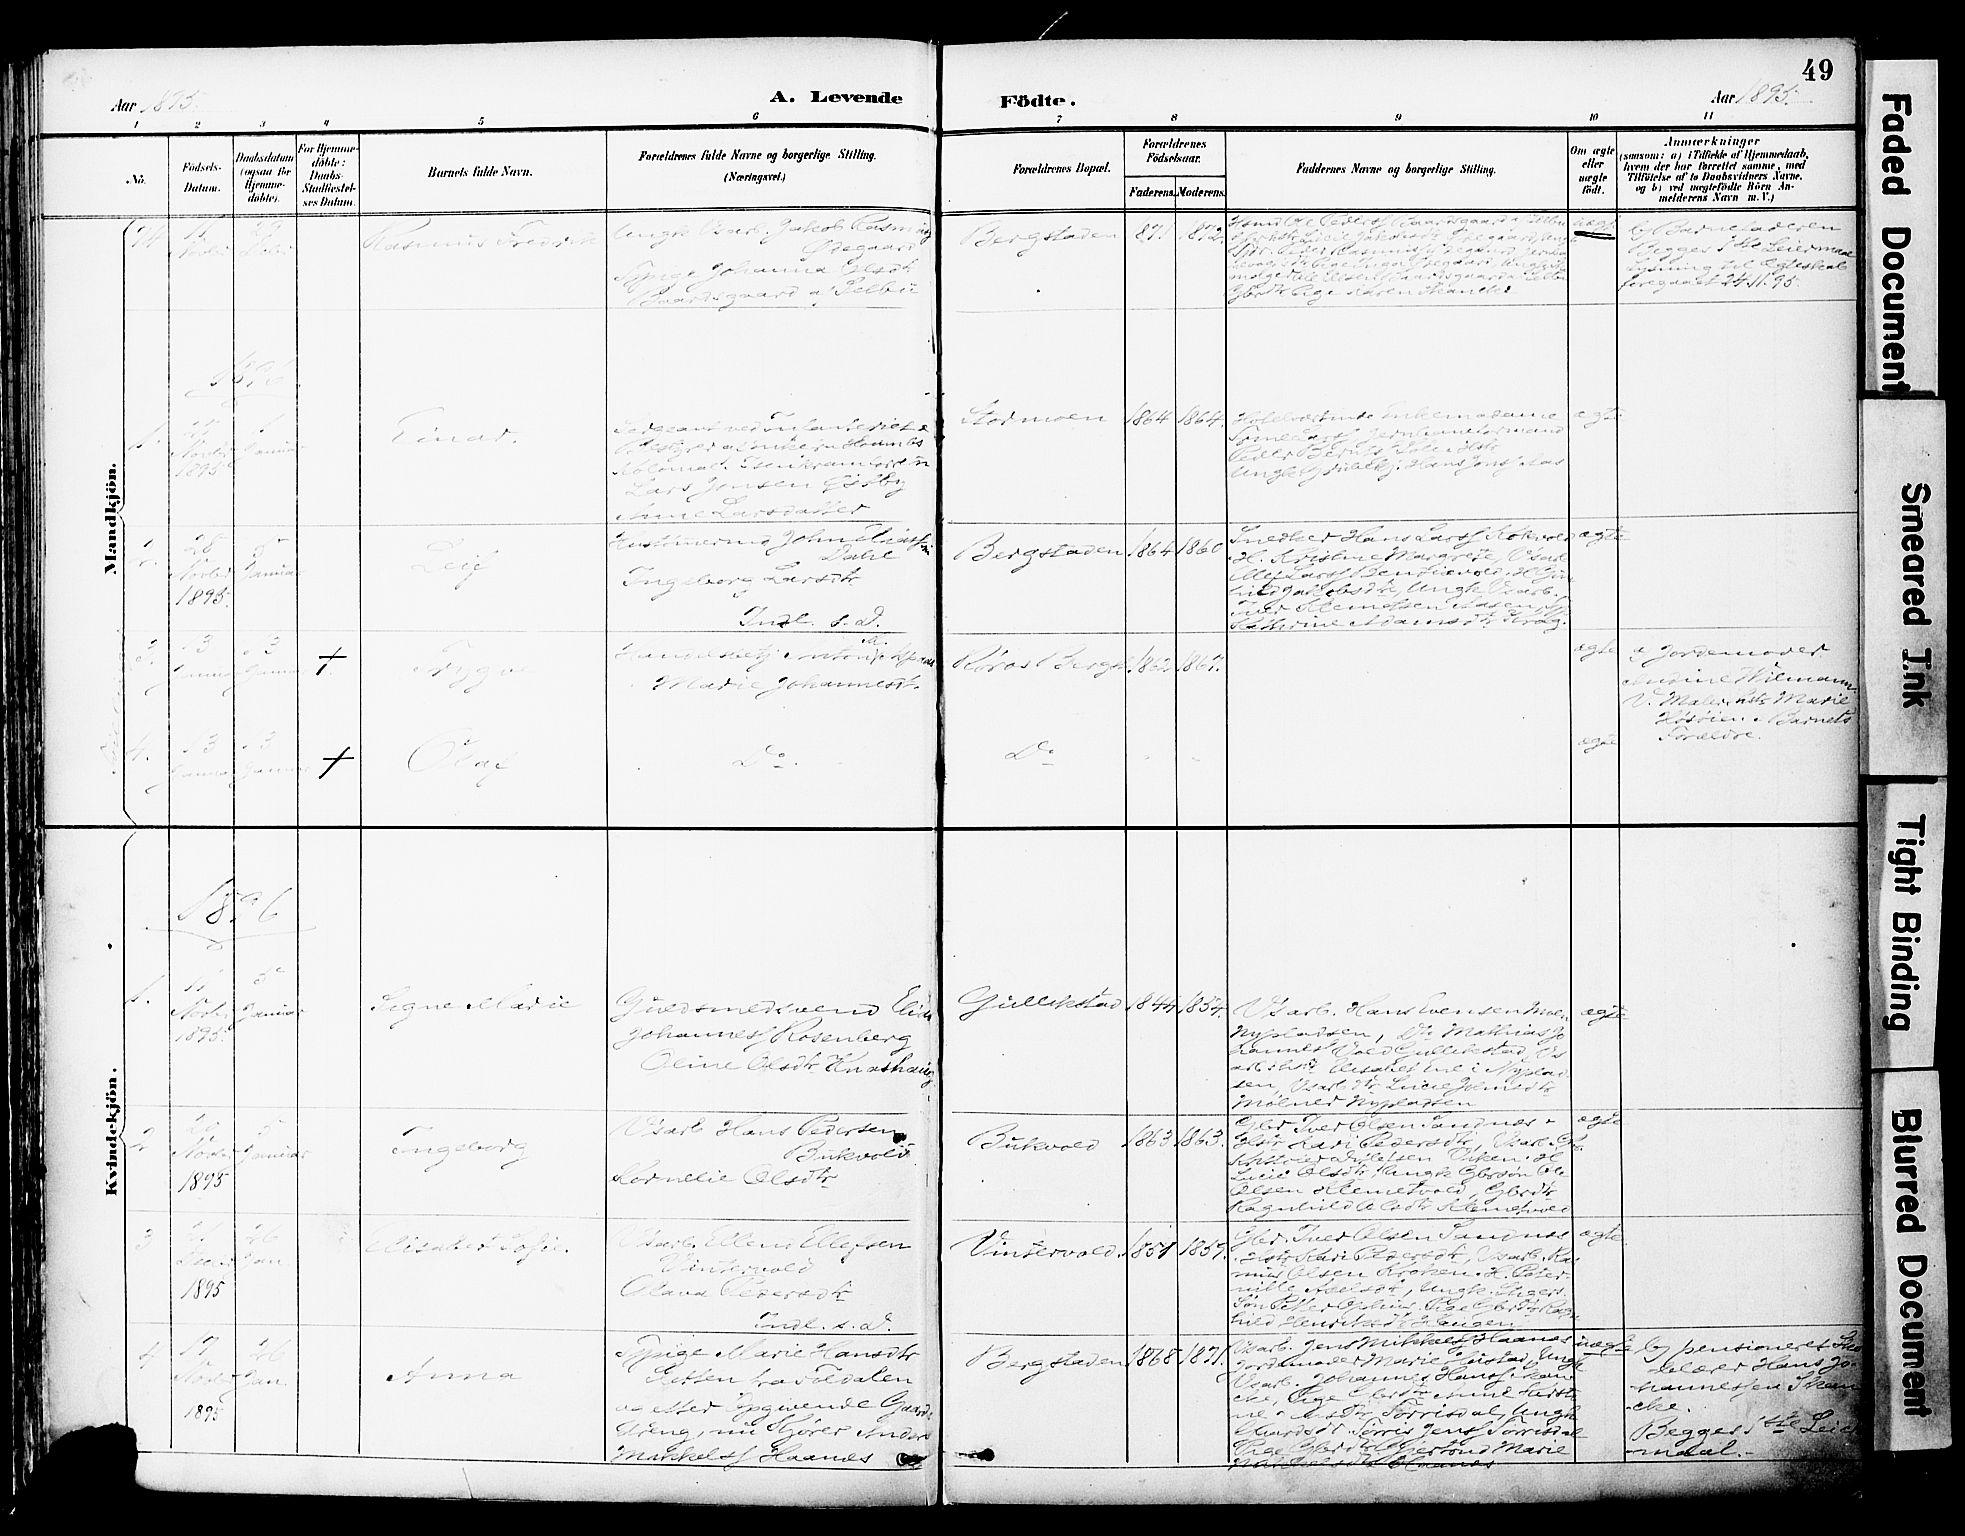 SAT, Ministerialprotokoller, klokkerbøker og fødselsregistre - Sør-Trøndelag, 681/L0935: Ministerialbok nr. 681A13, 1890-1898, s. 49